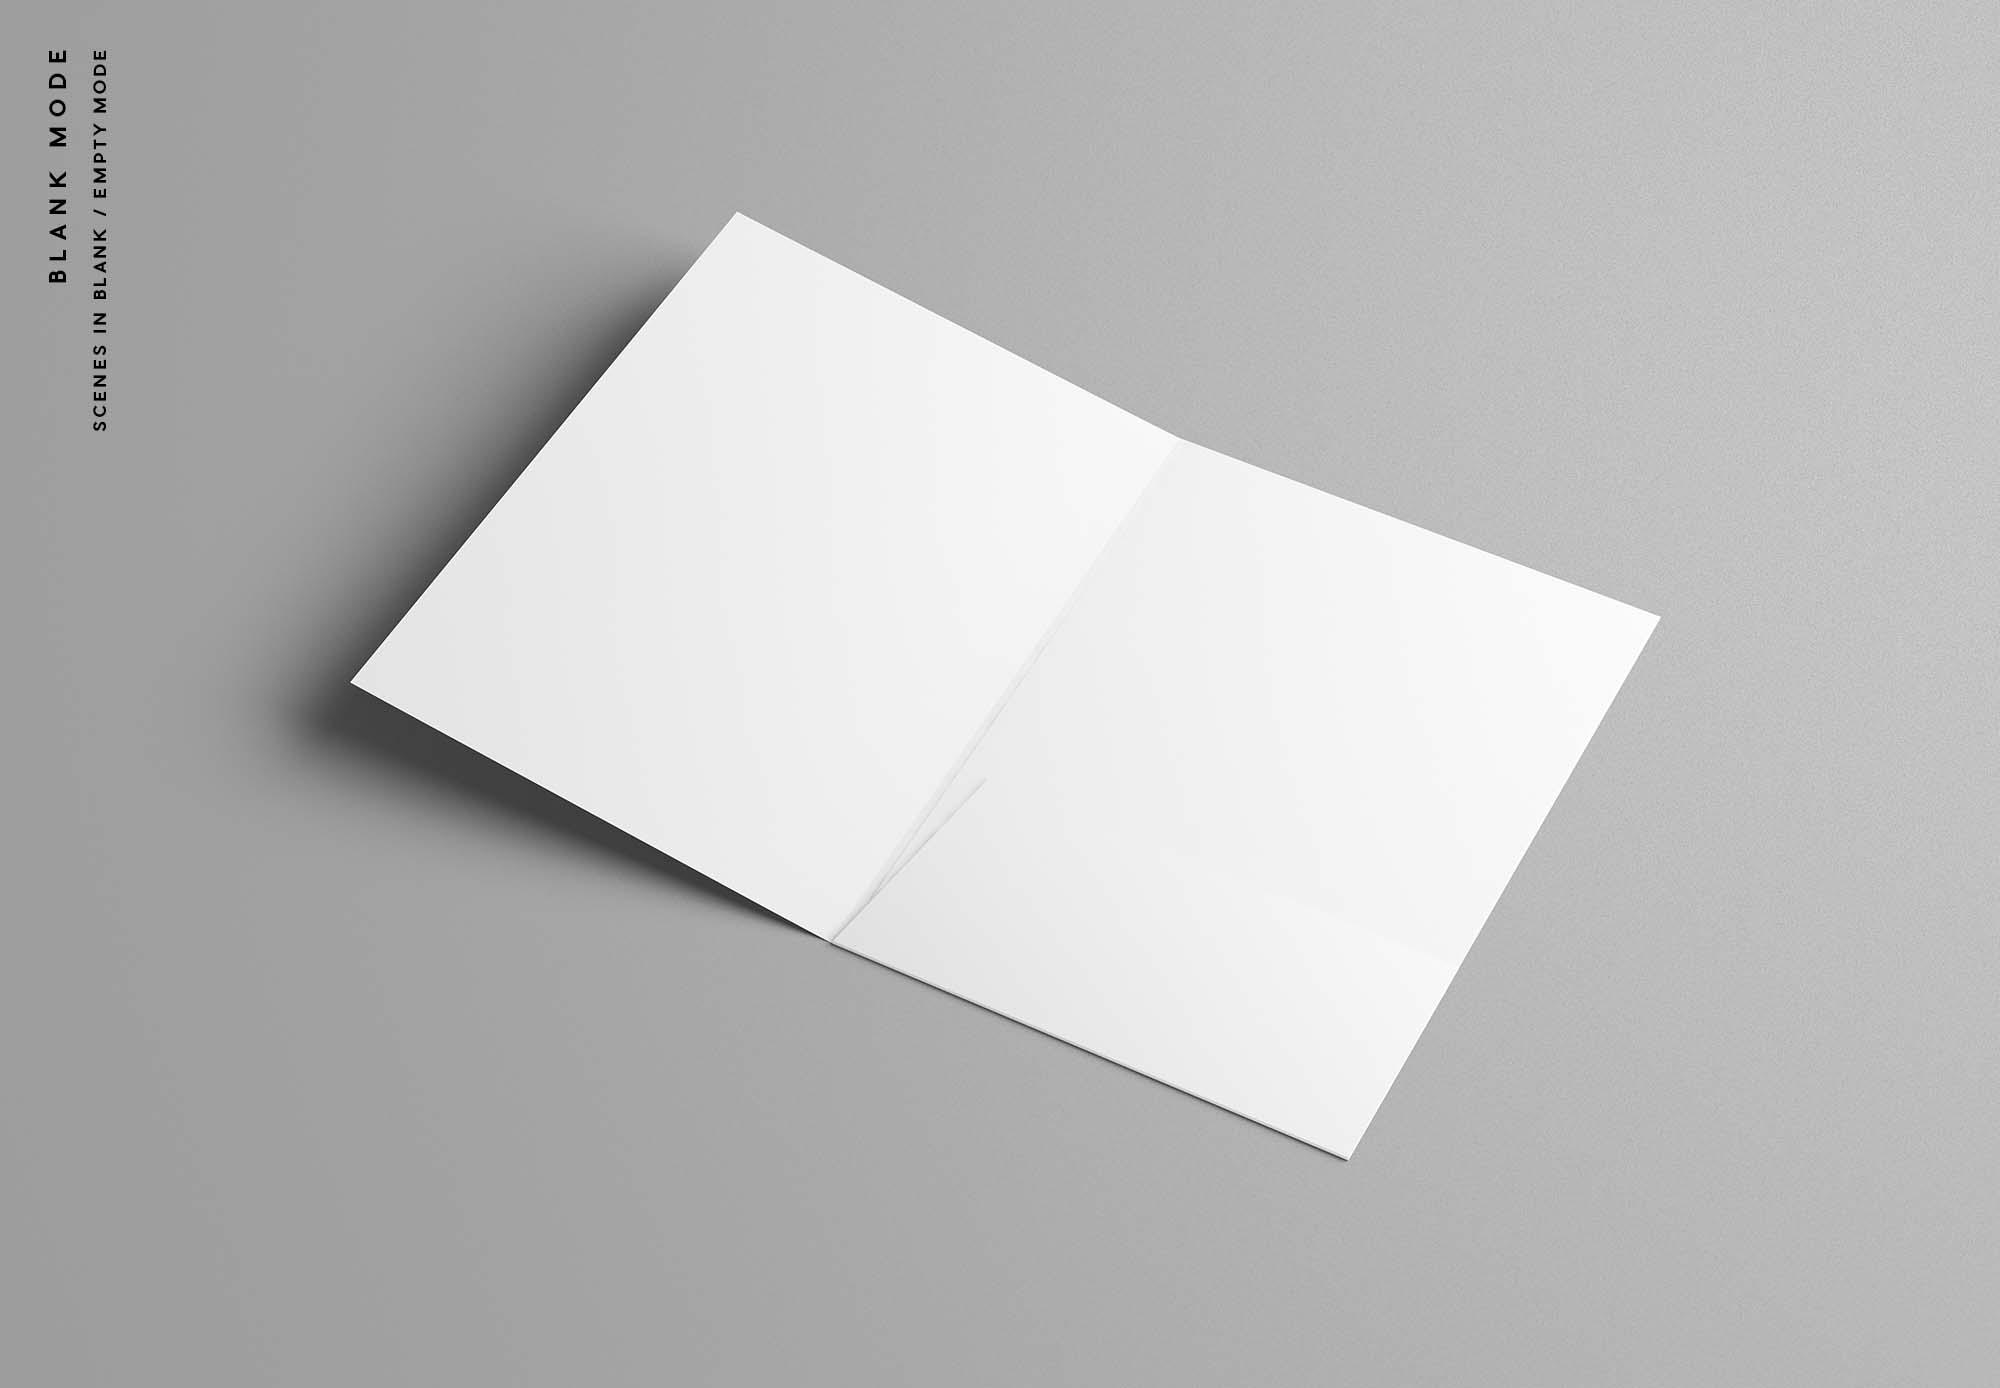 A4 Folder Mockup - Blank Mode